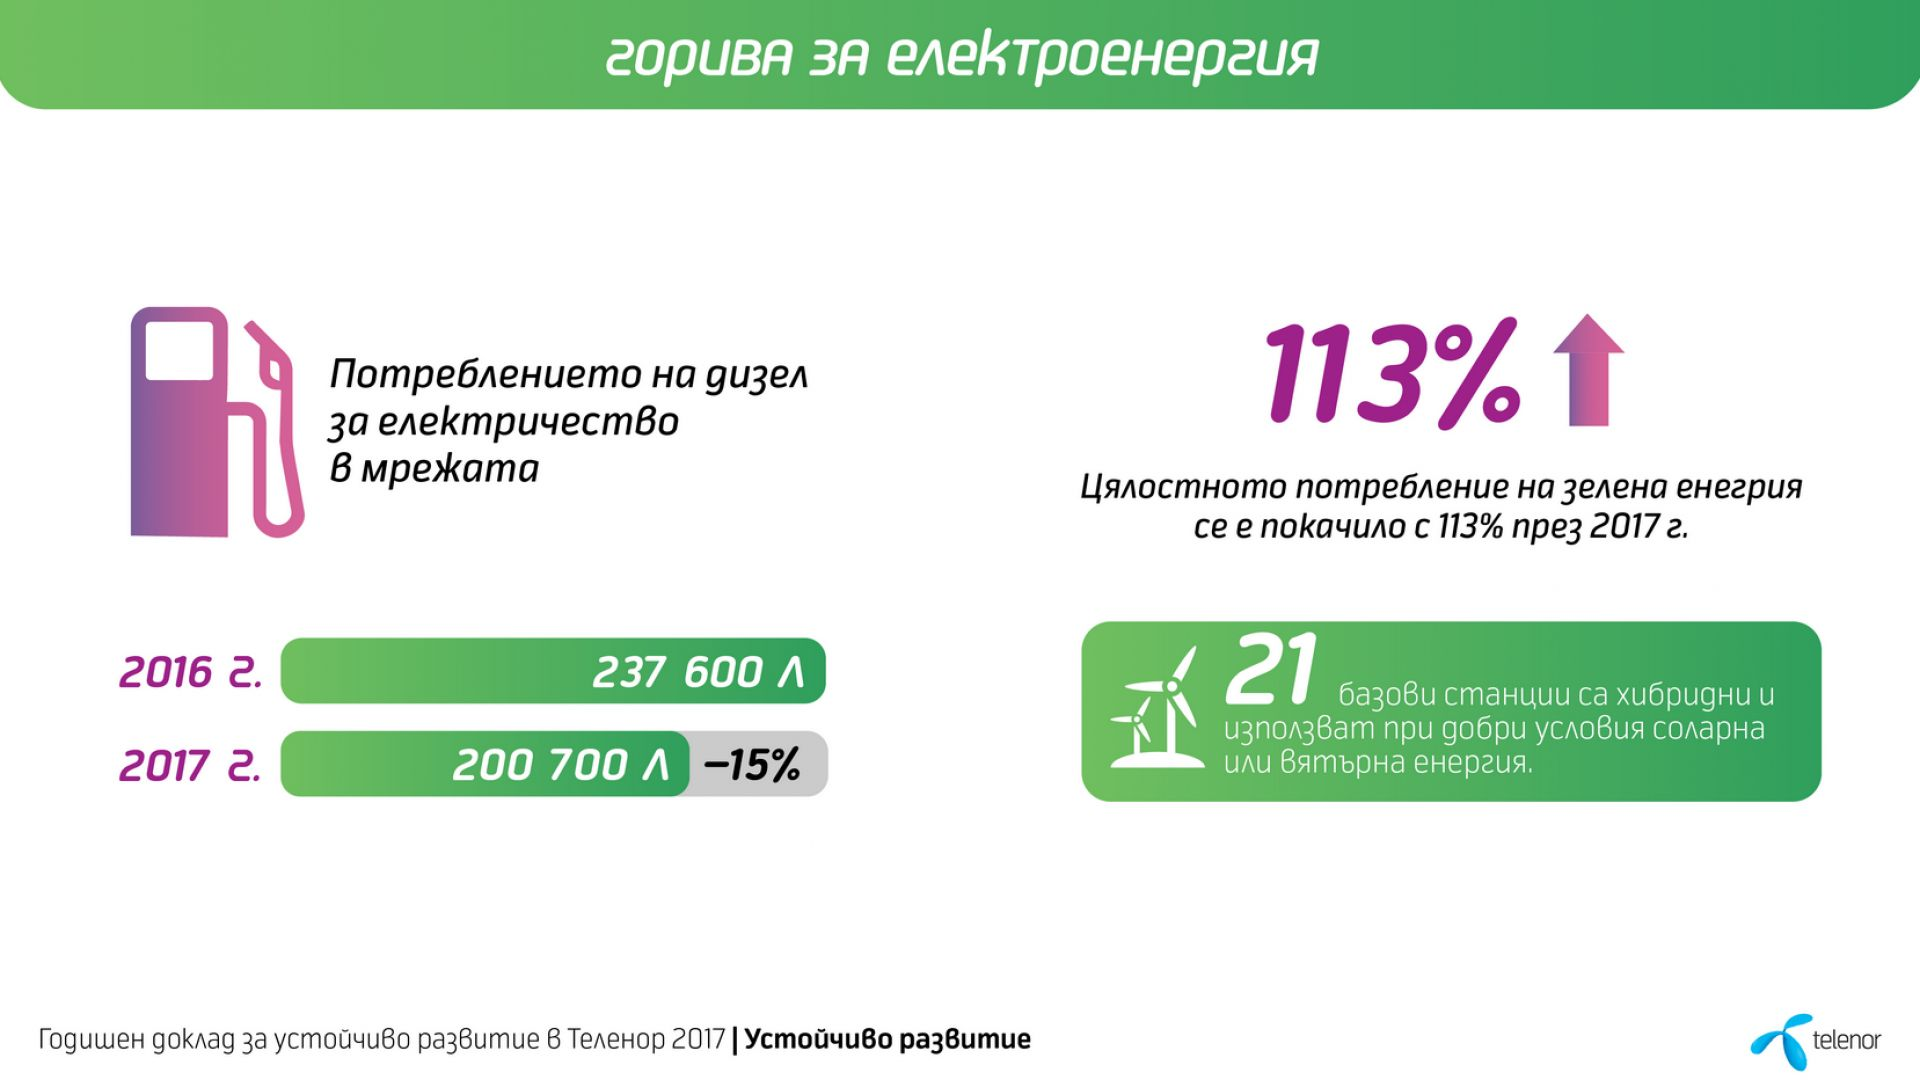 Теленор използва 113% повече зелена енергия през 2017 г.